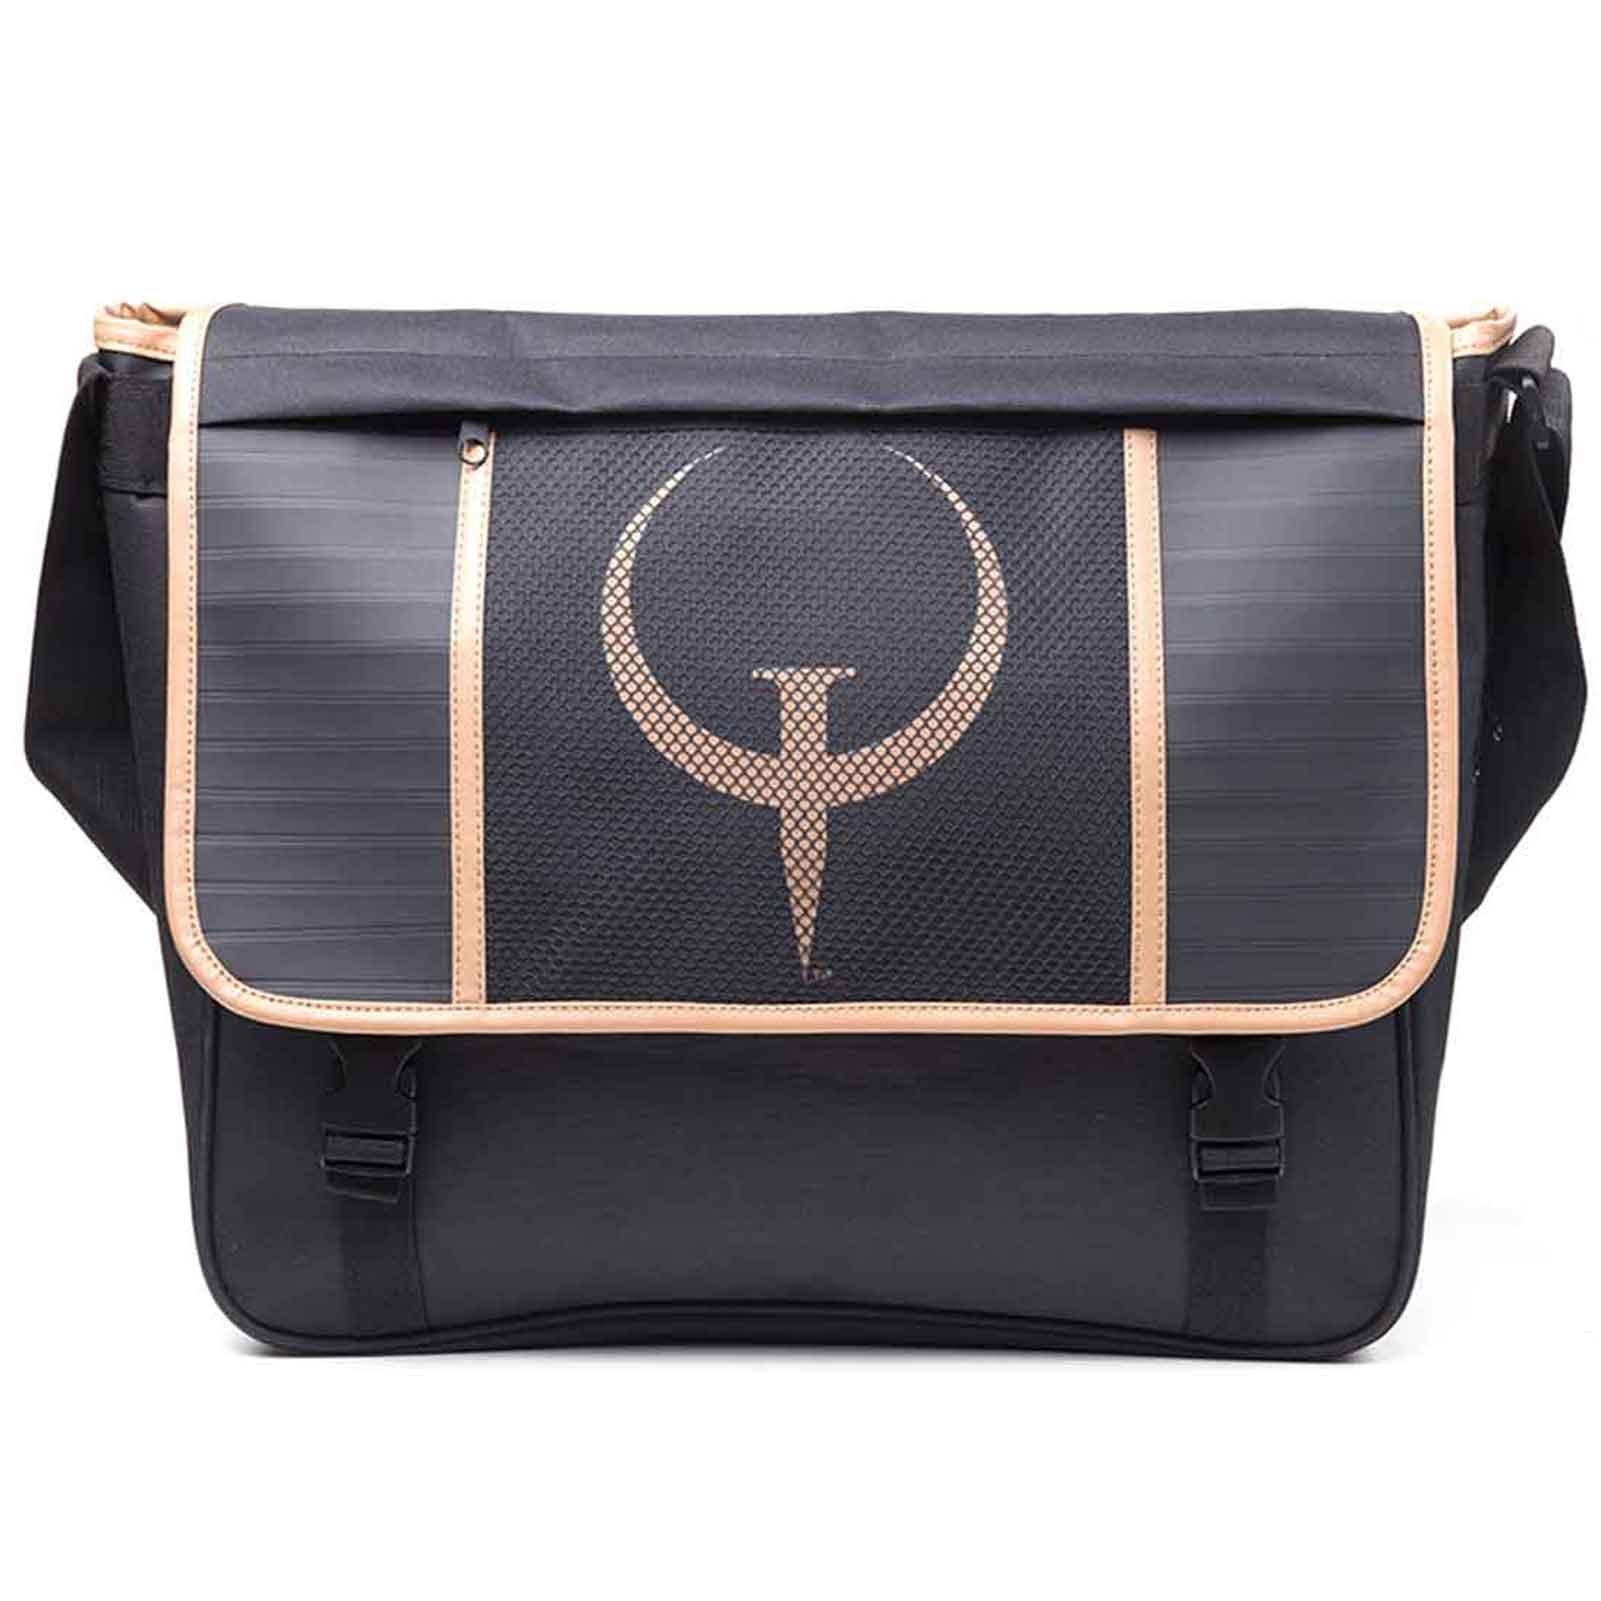 Quake Messenger Bag Emblem Logo Official Gamer Black